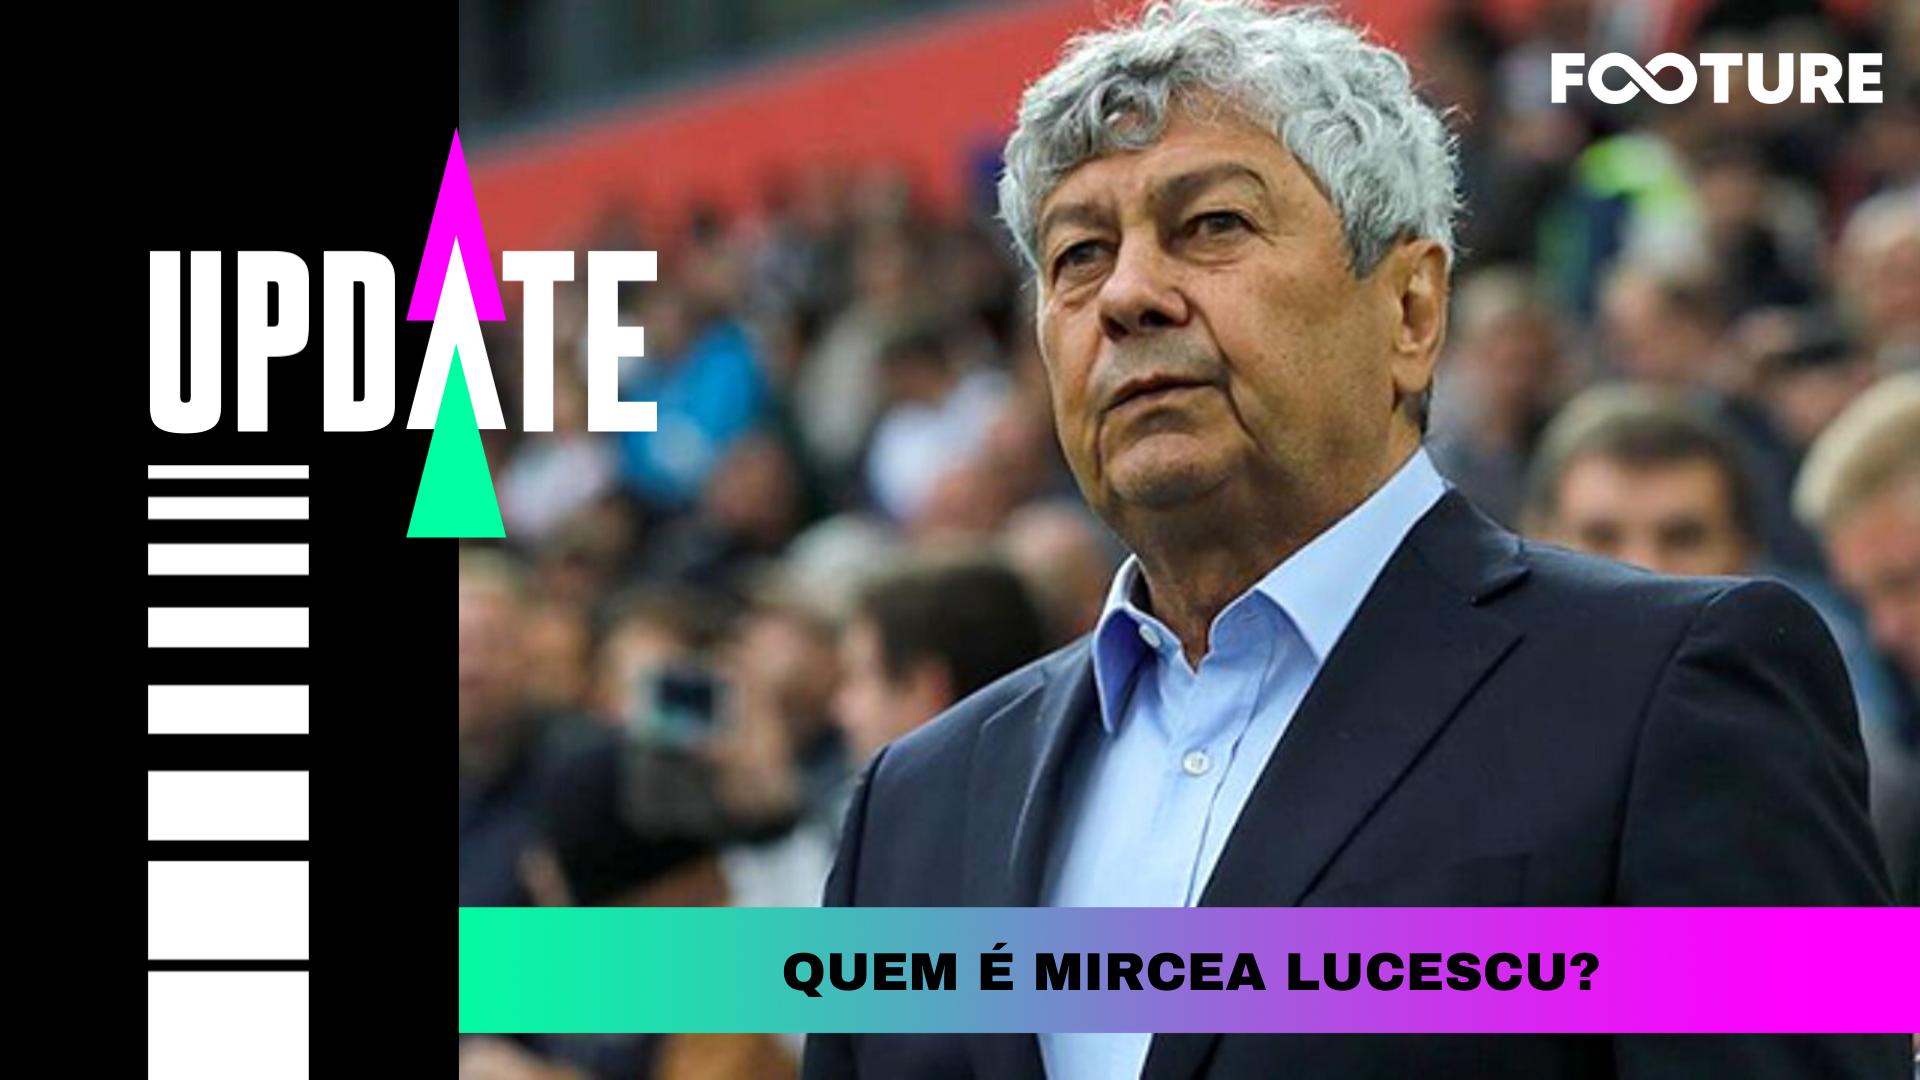 Quem é Mircea Lucescu?